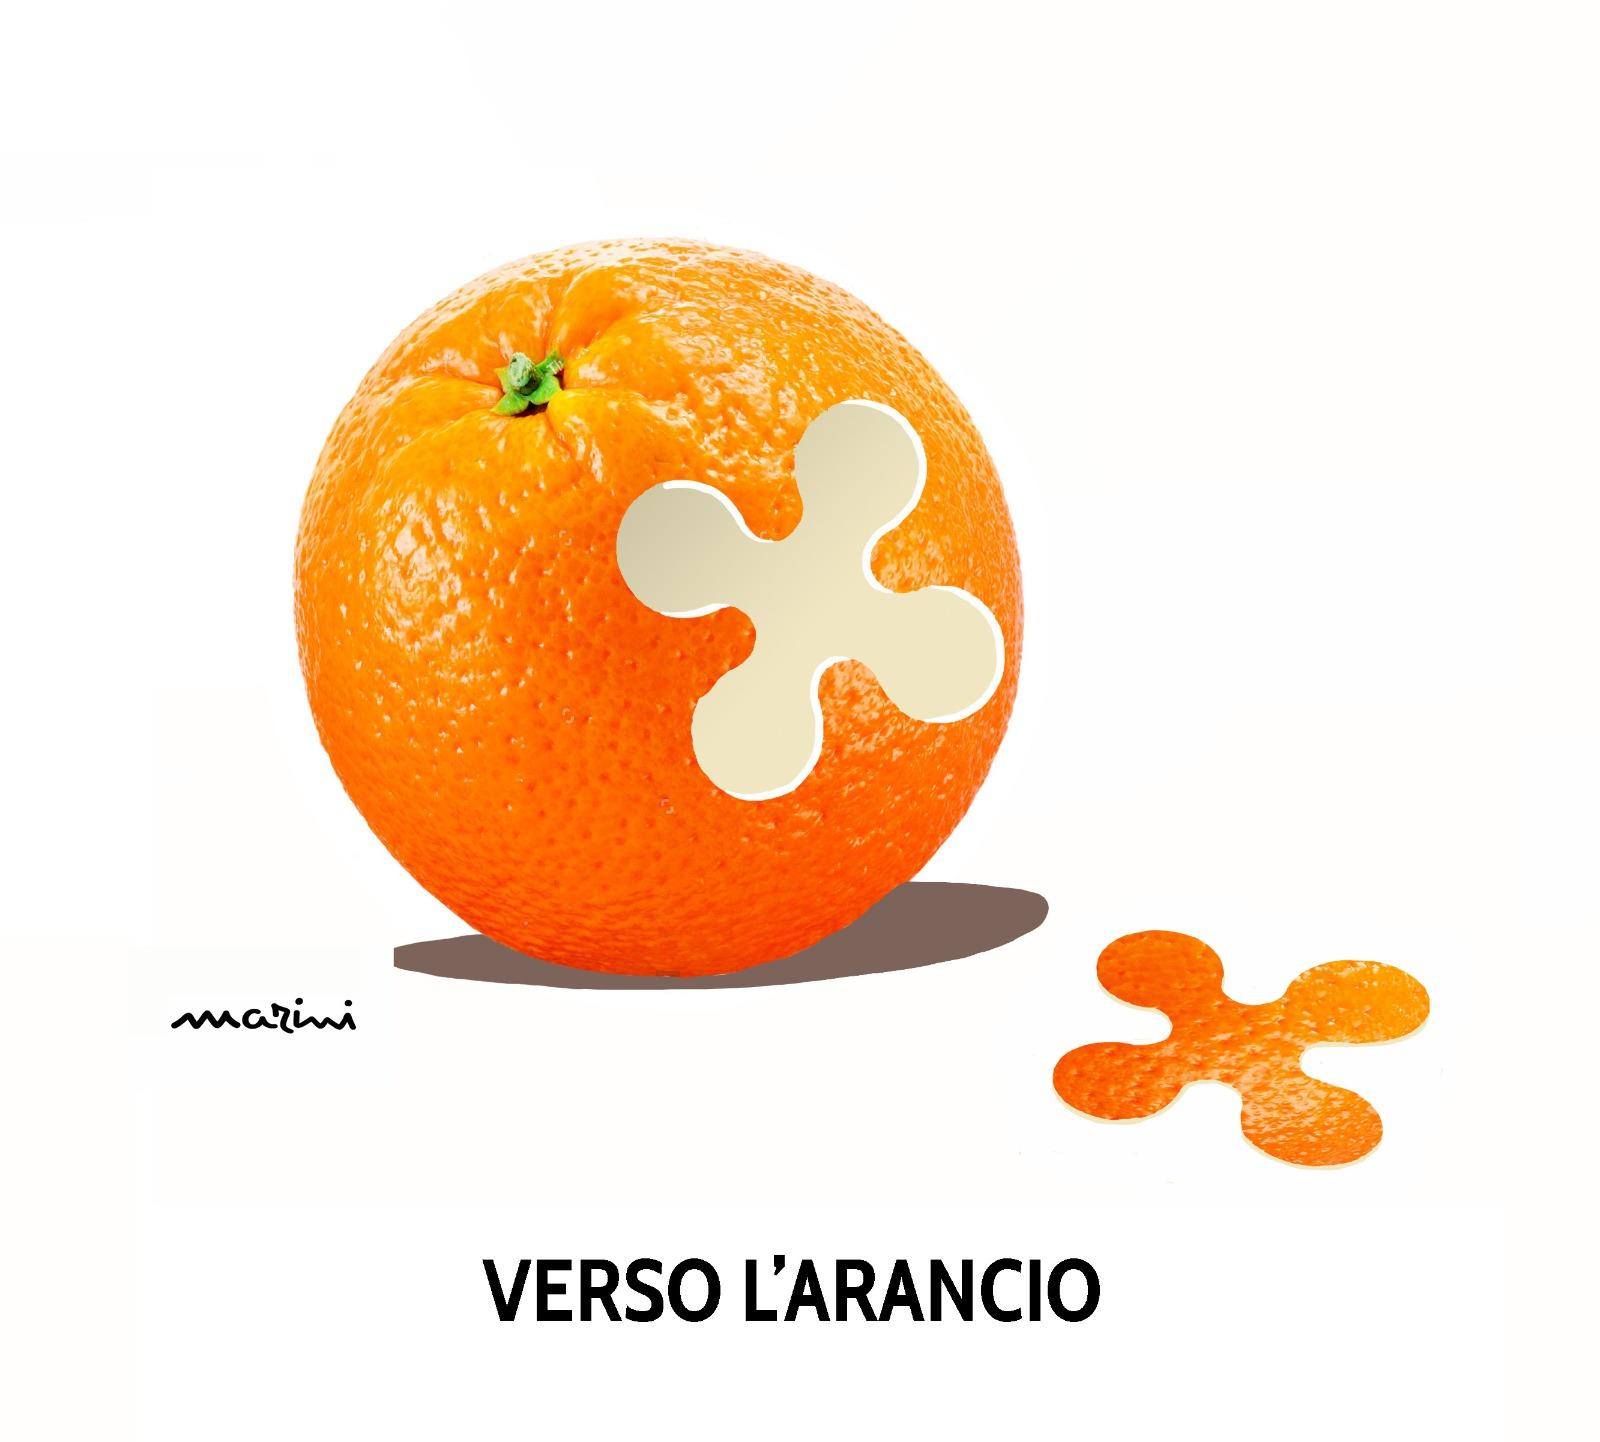 vignetta valerio marini lombardia arancione